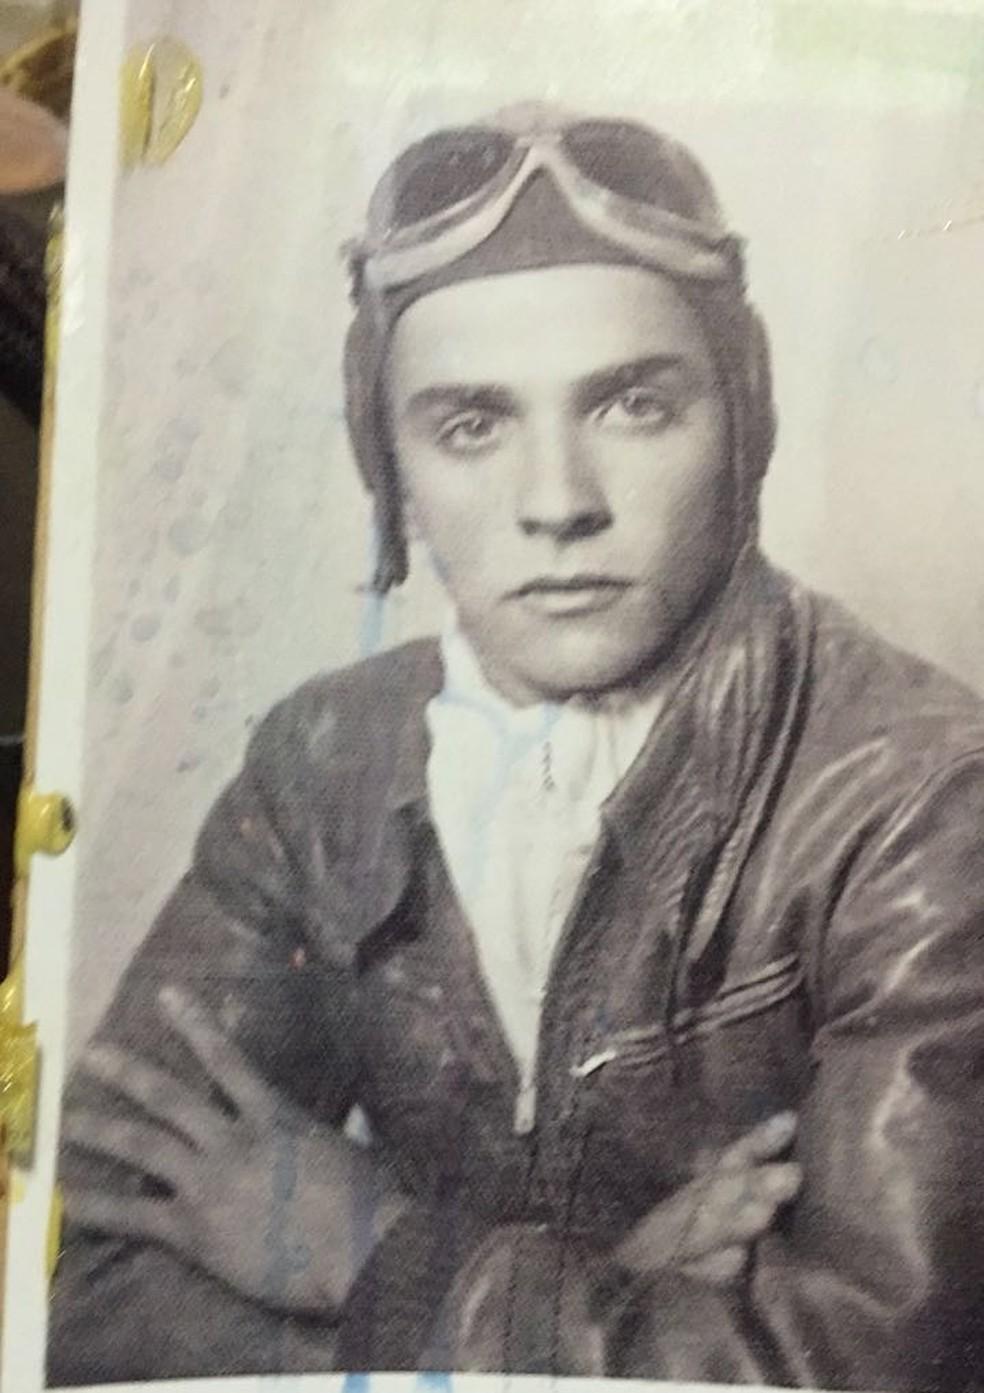 Pai de piloto Wagner filho morreu em acidente aéreo em 1971 — Foto: Arquivo pessoal